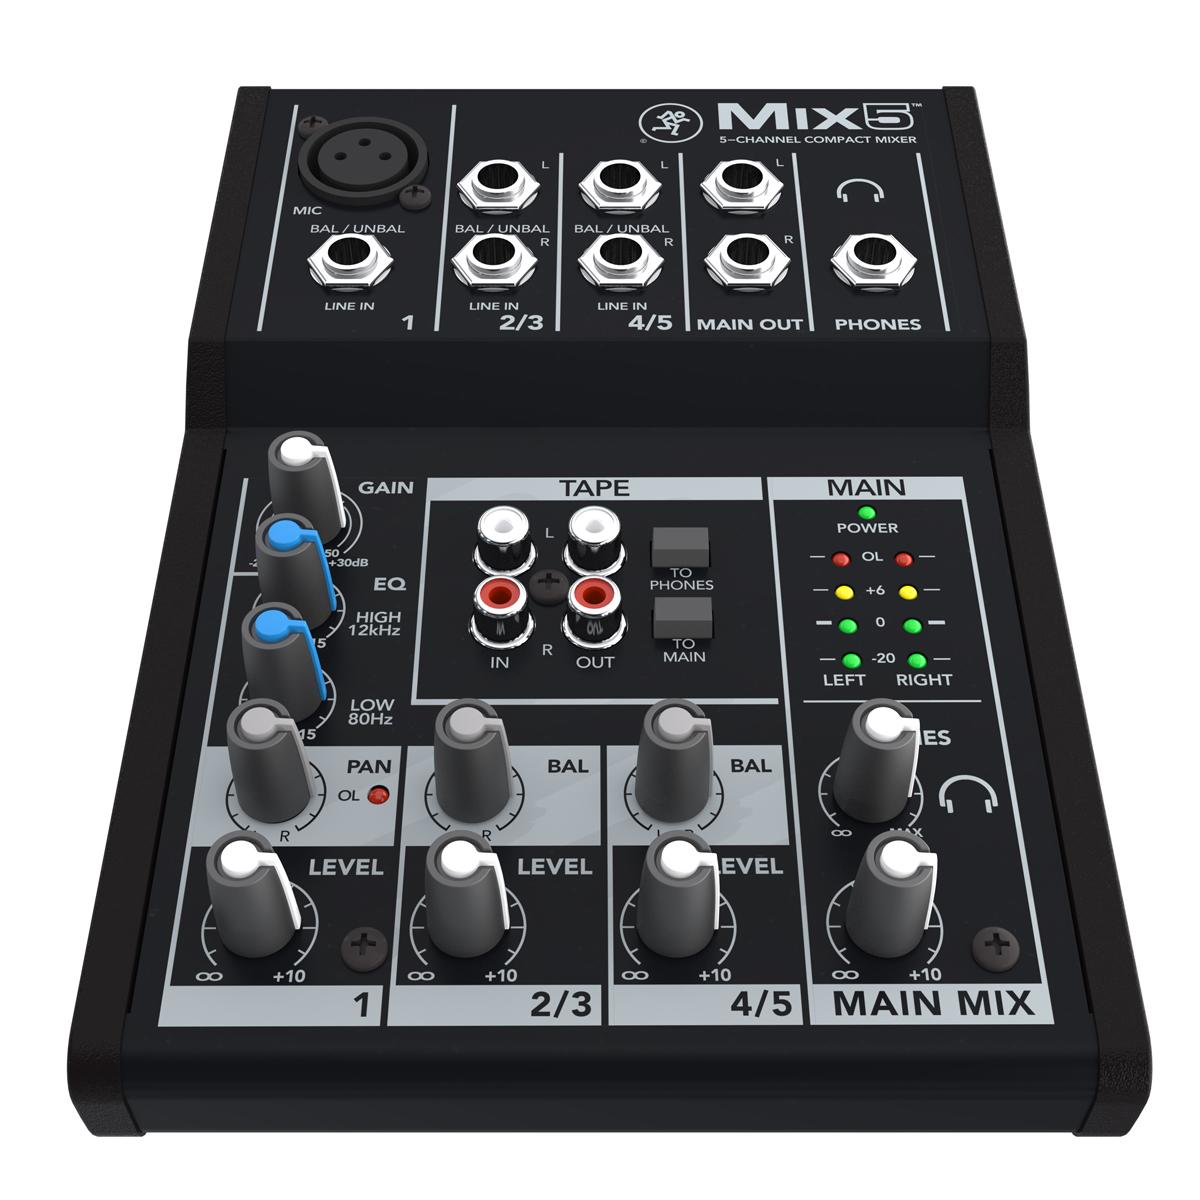 ��������� ������ Mackie Mix5